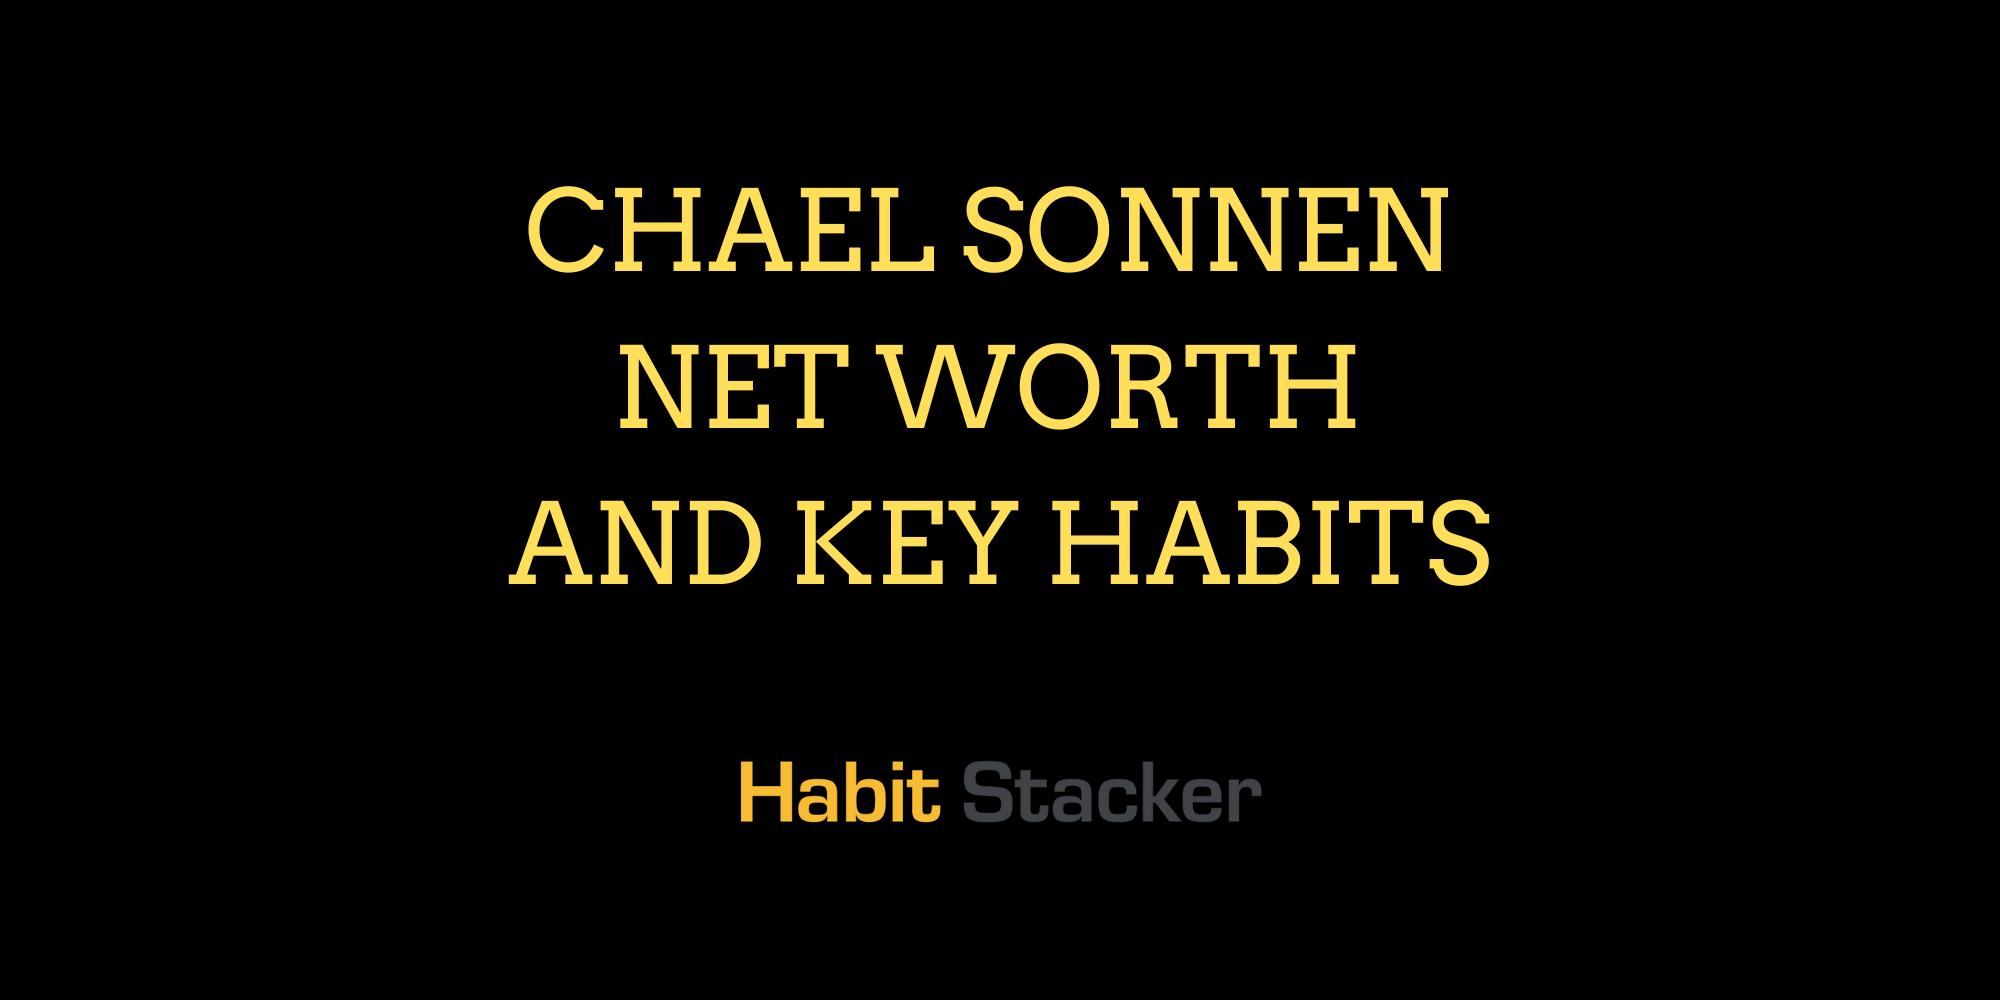 Chael Sonnen Net Worth | Habit Stacker